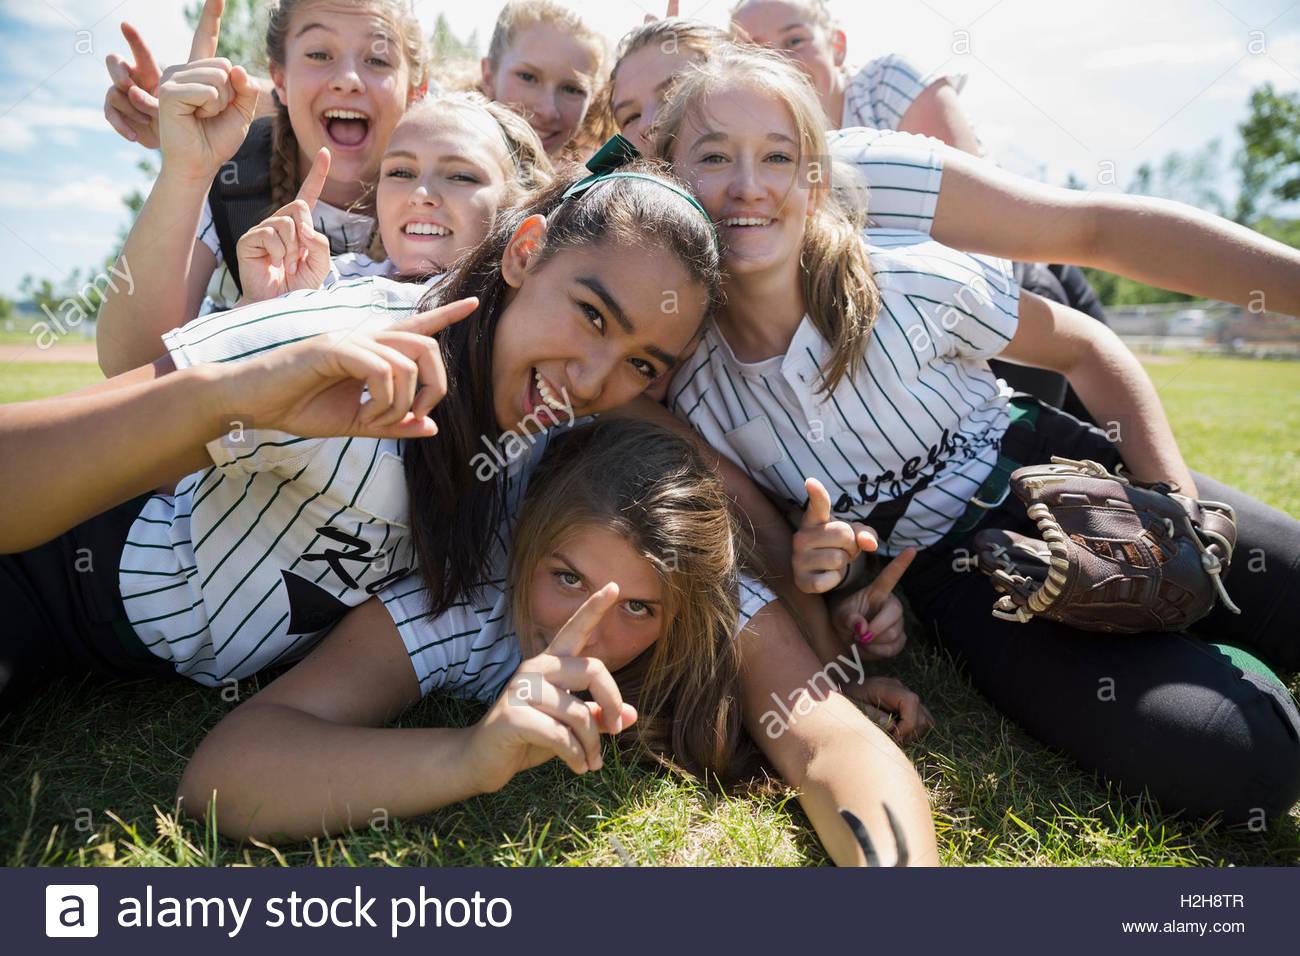 Retrato seguros middle school girl softball gesticulando número 1 en el campo Imagen De Stock